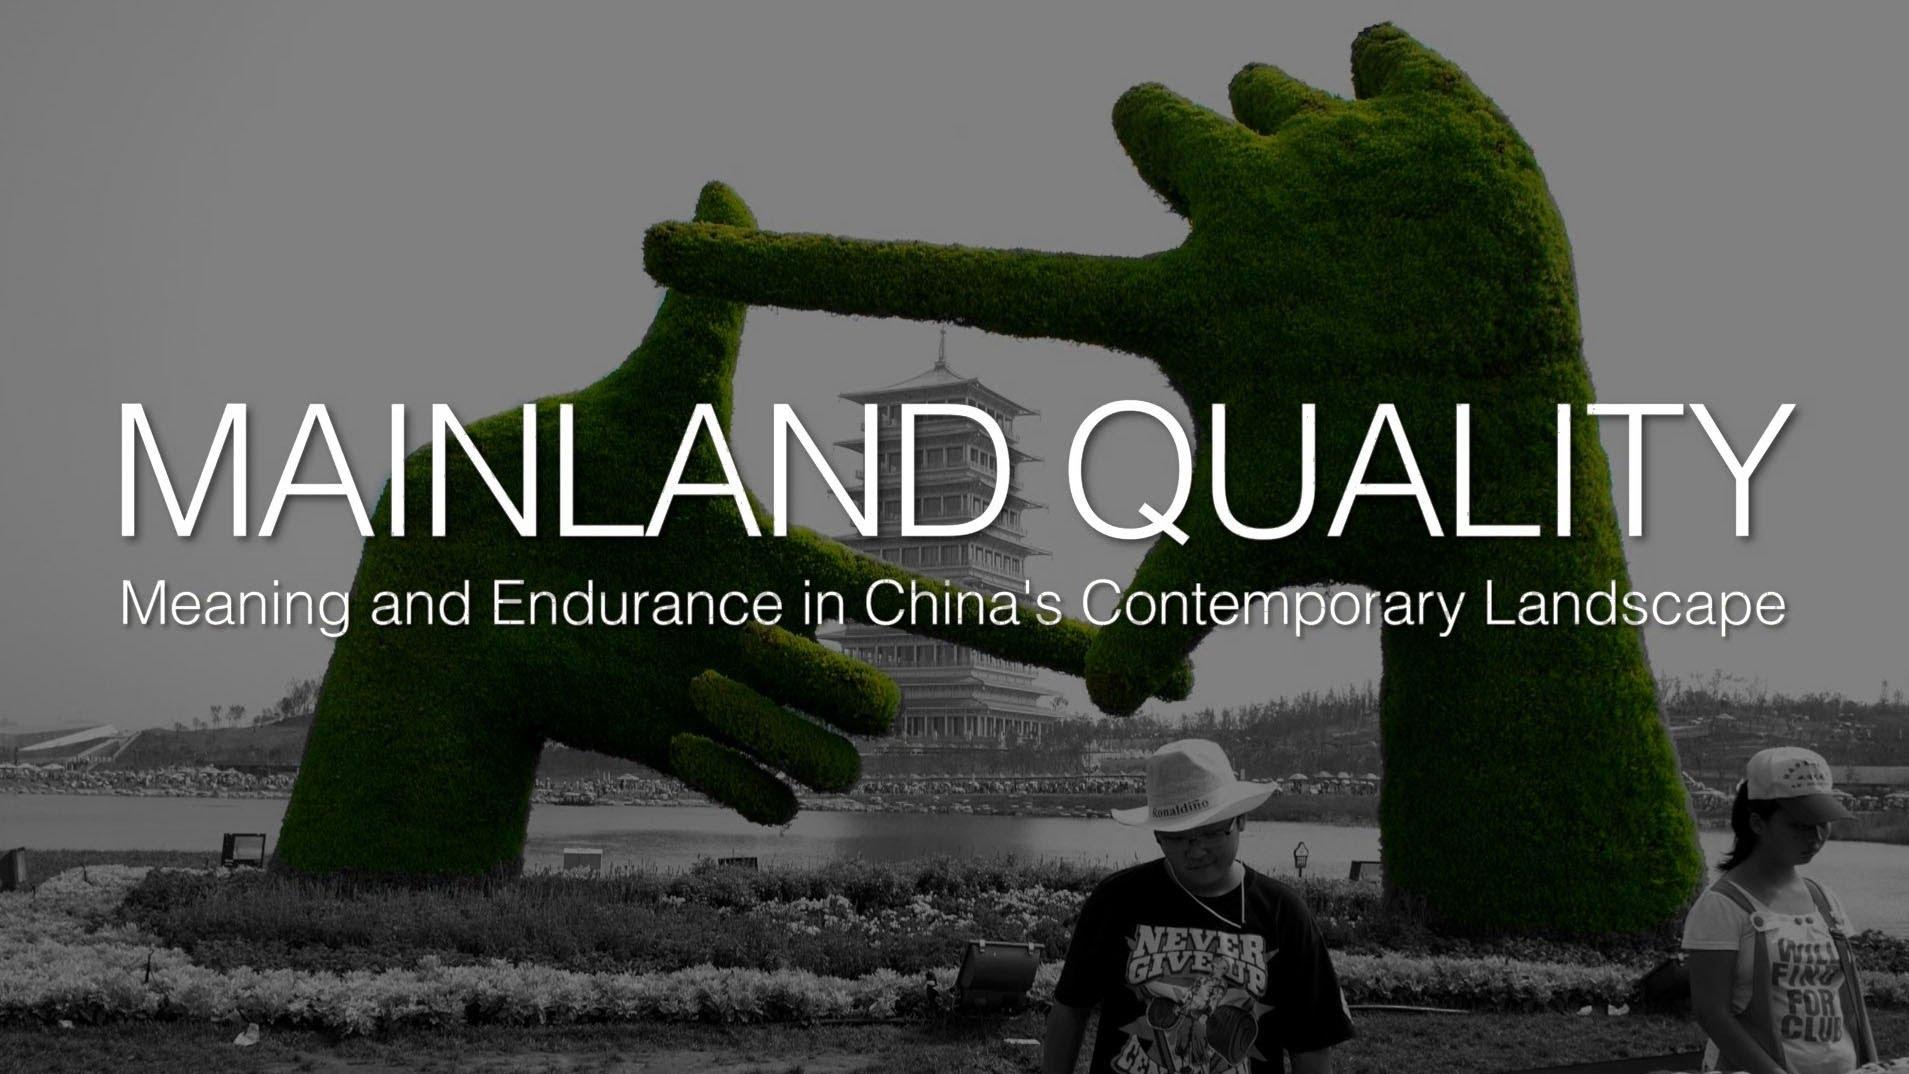 MAINLAND QUALITY: Meaning and Endurance in China's Contemporary Landscape / Ý nghĩa và tính bền vững của kiến trúc cảnh quan Trung Quốc đương đại